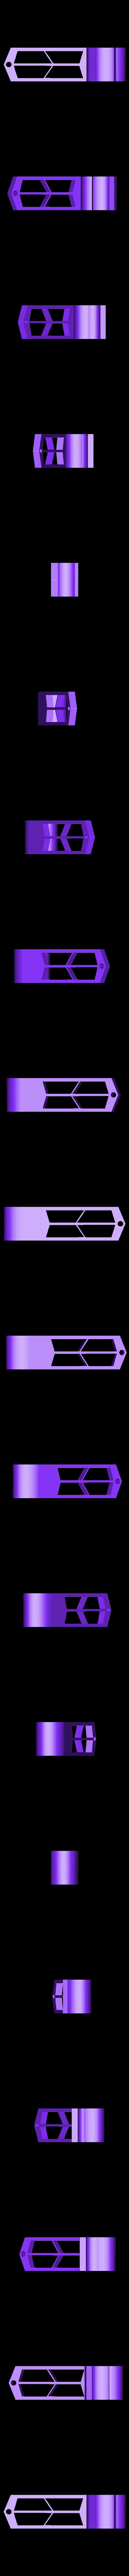 BTS.stl Télécharger fichier STL gratuit KPop - porte-clés pour téléphone (8 groupes) • Modèle imprimable en 3D, CheesmondN